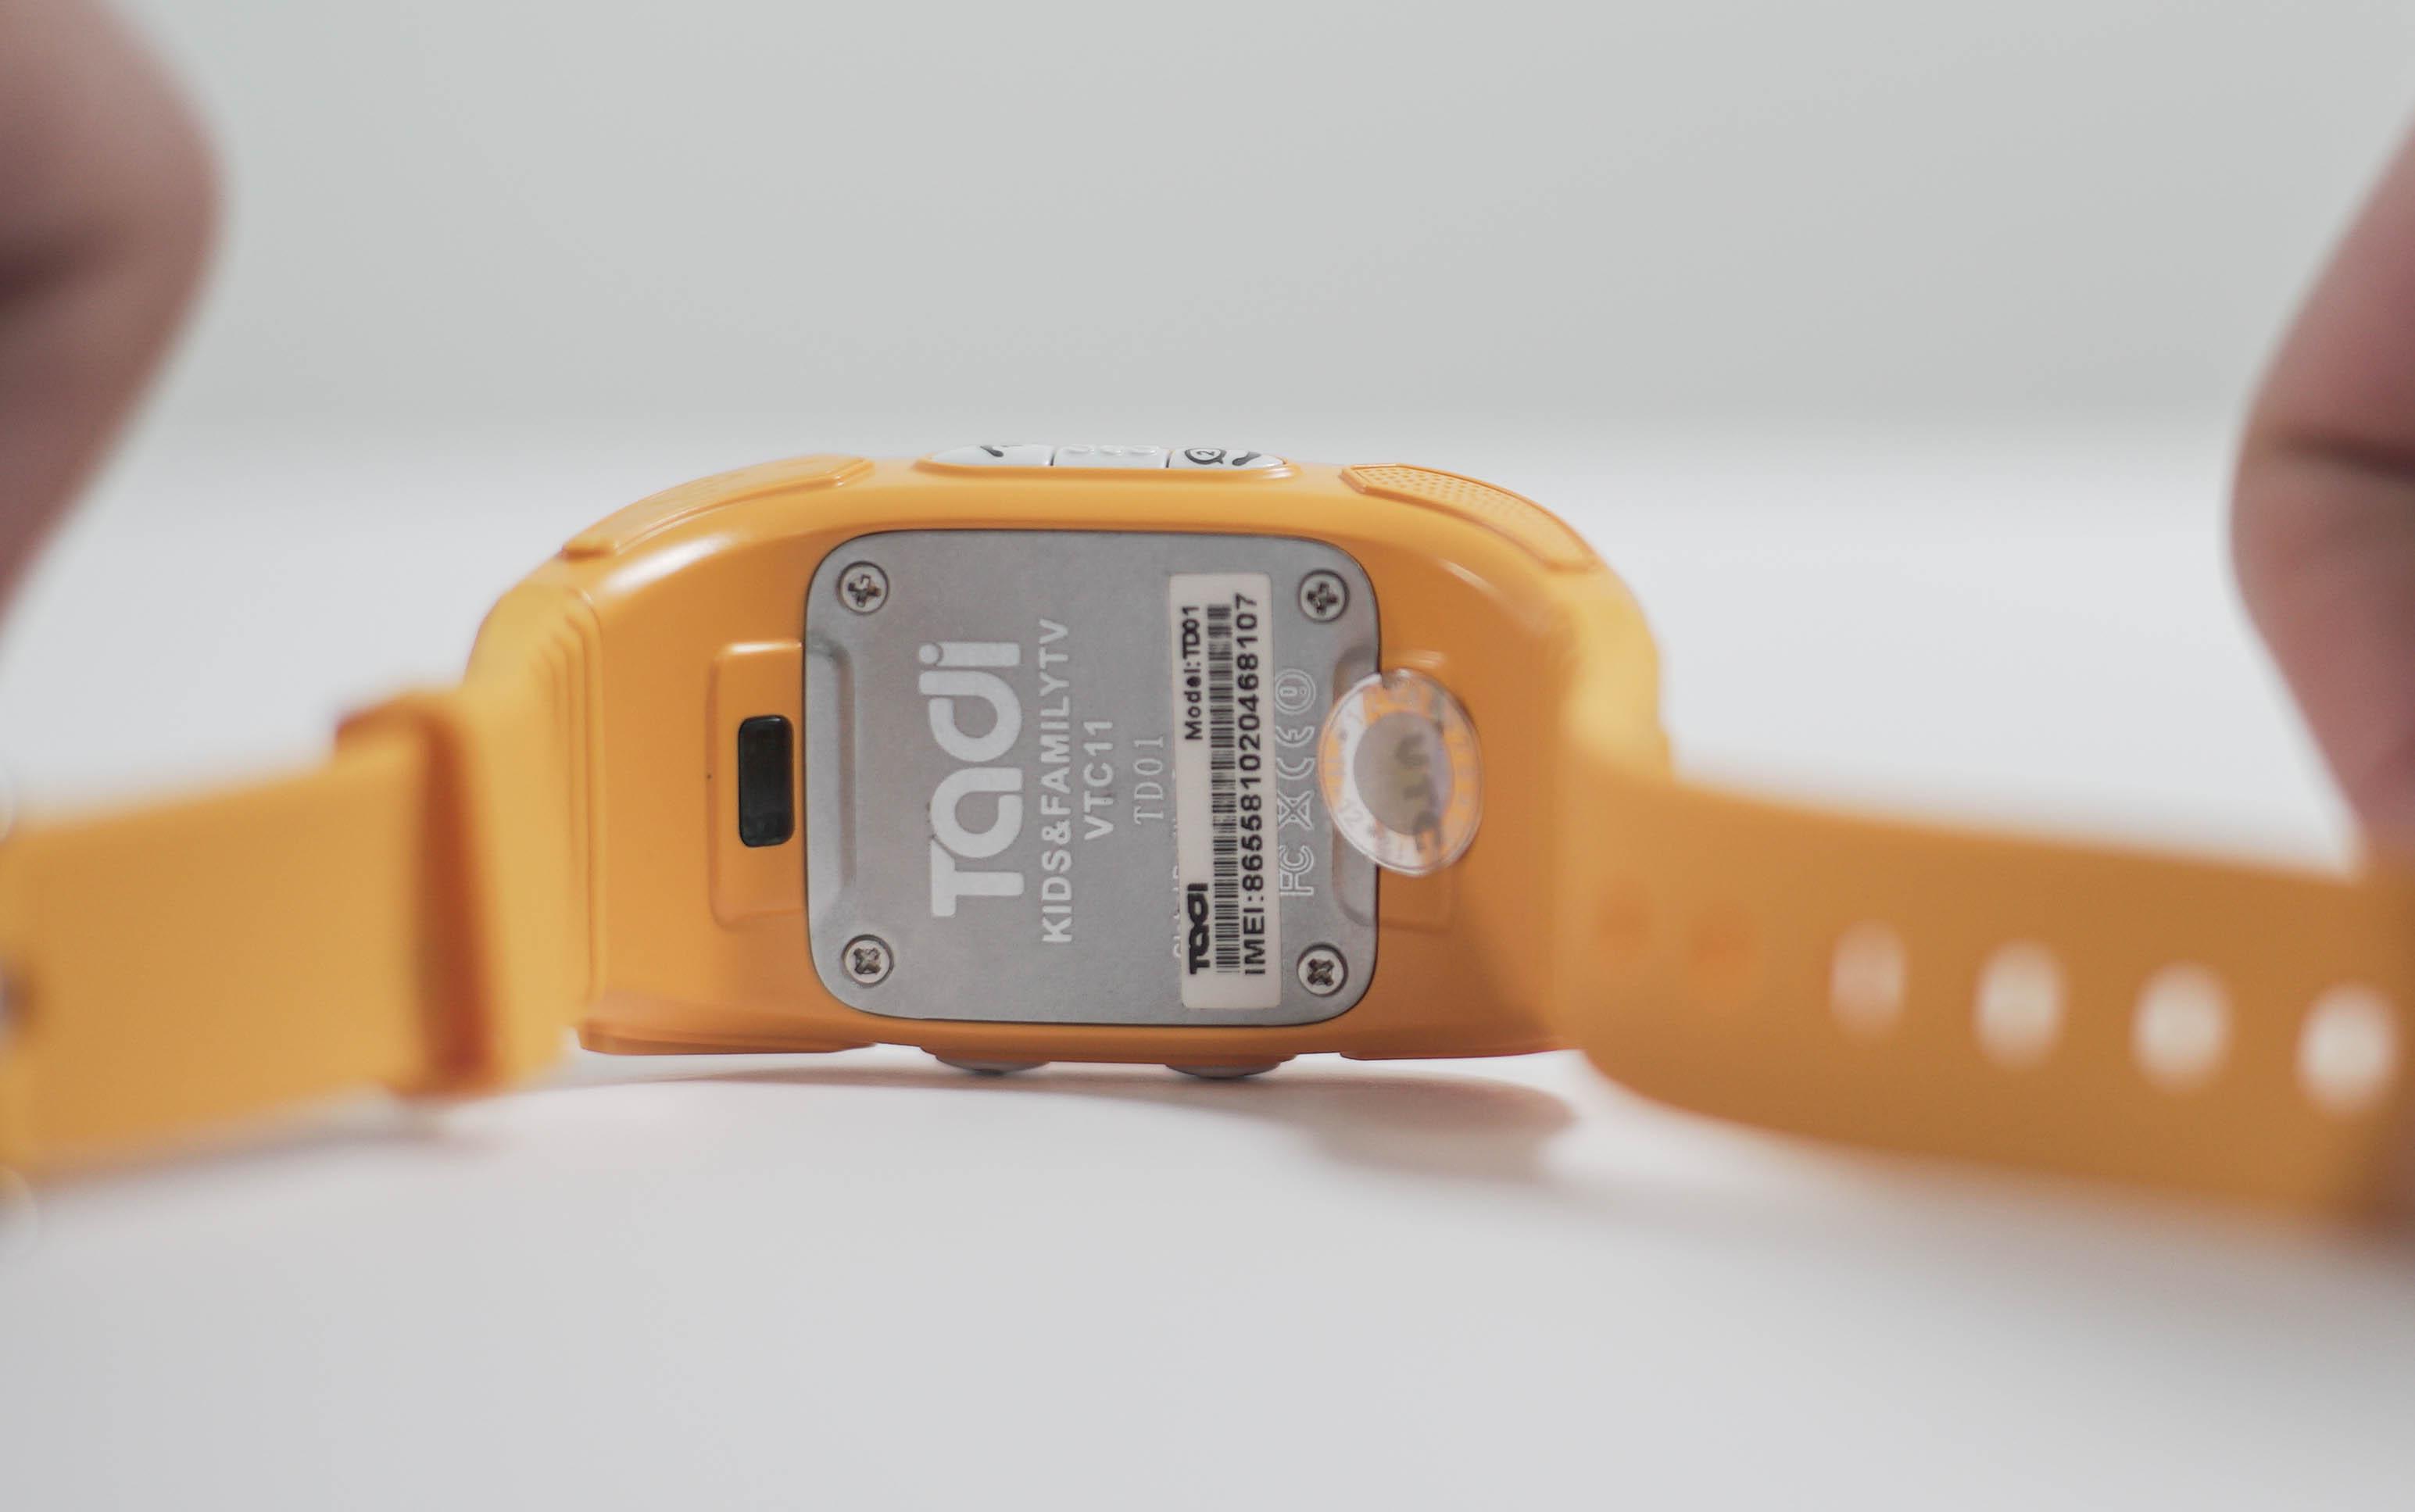 Trải nghiệm đồng hồ bảo mẫu dành cho trẻ em của Việt Nam: Có nút gọi bố mẹ trong trường hợp khẩn cấp - Ảnh 3.